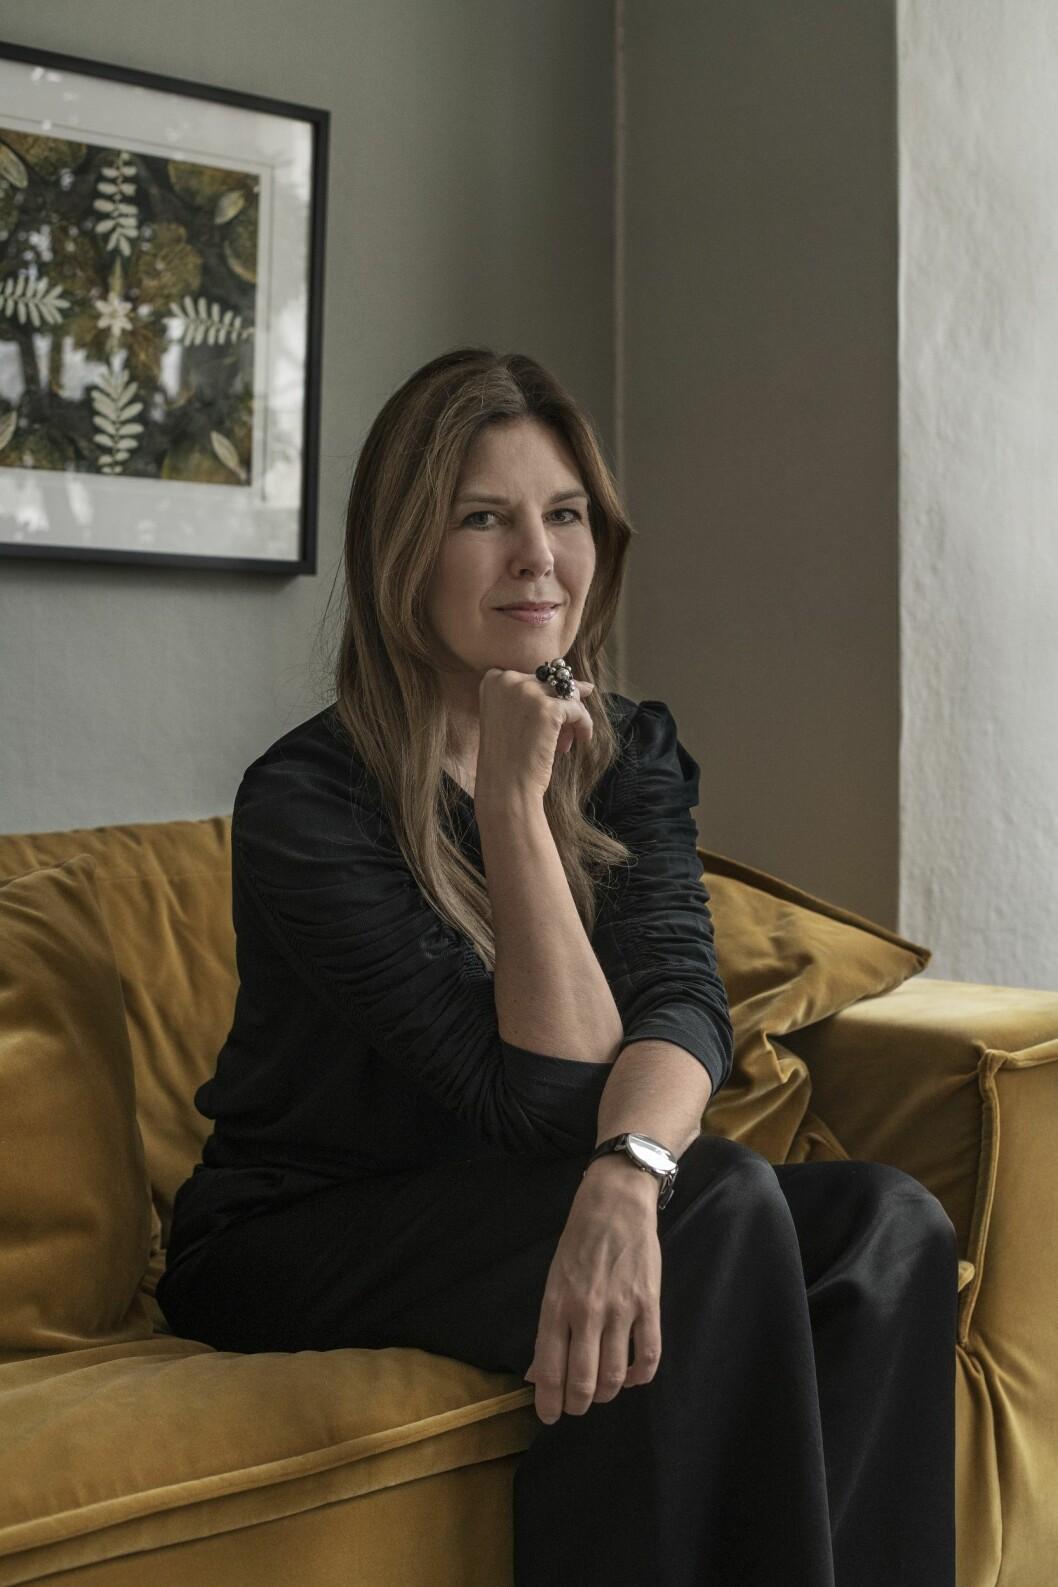 Karin Sköldberg i svart dress på den gula soffan i vardagsrummet.